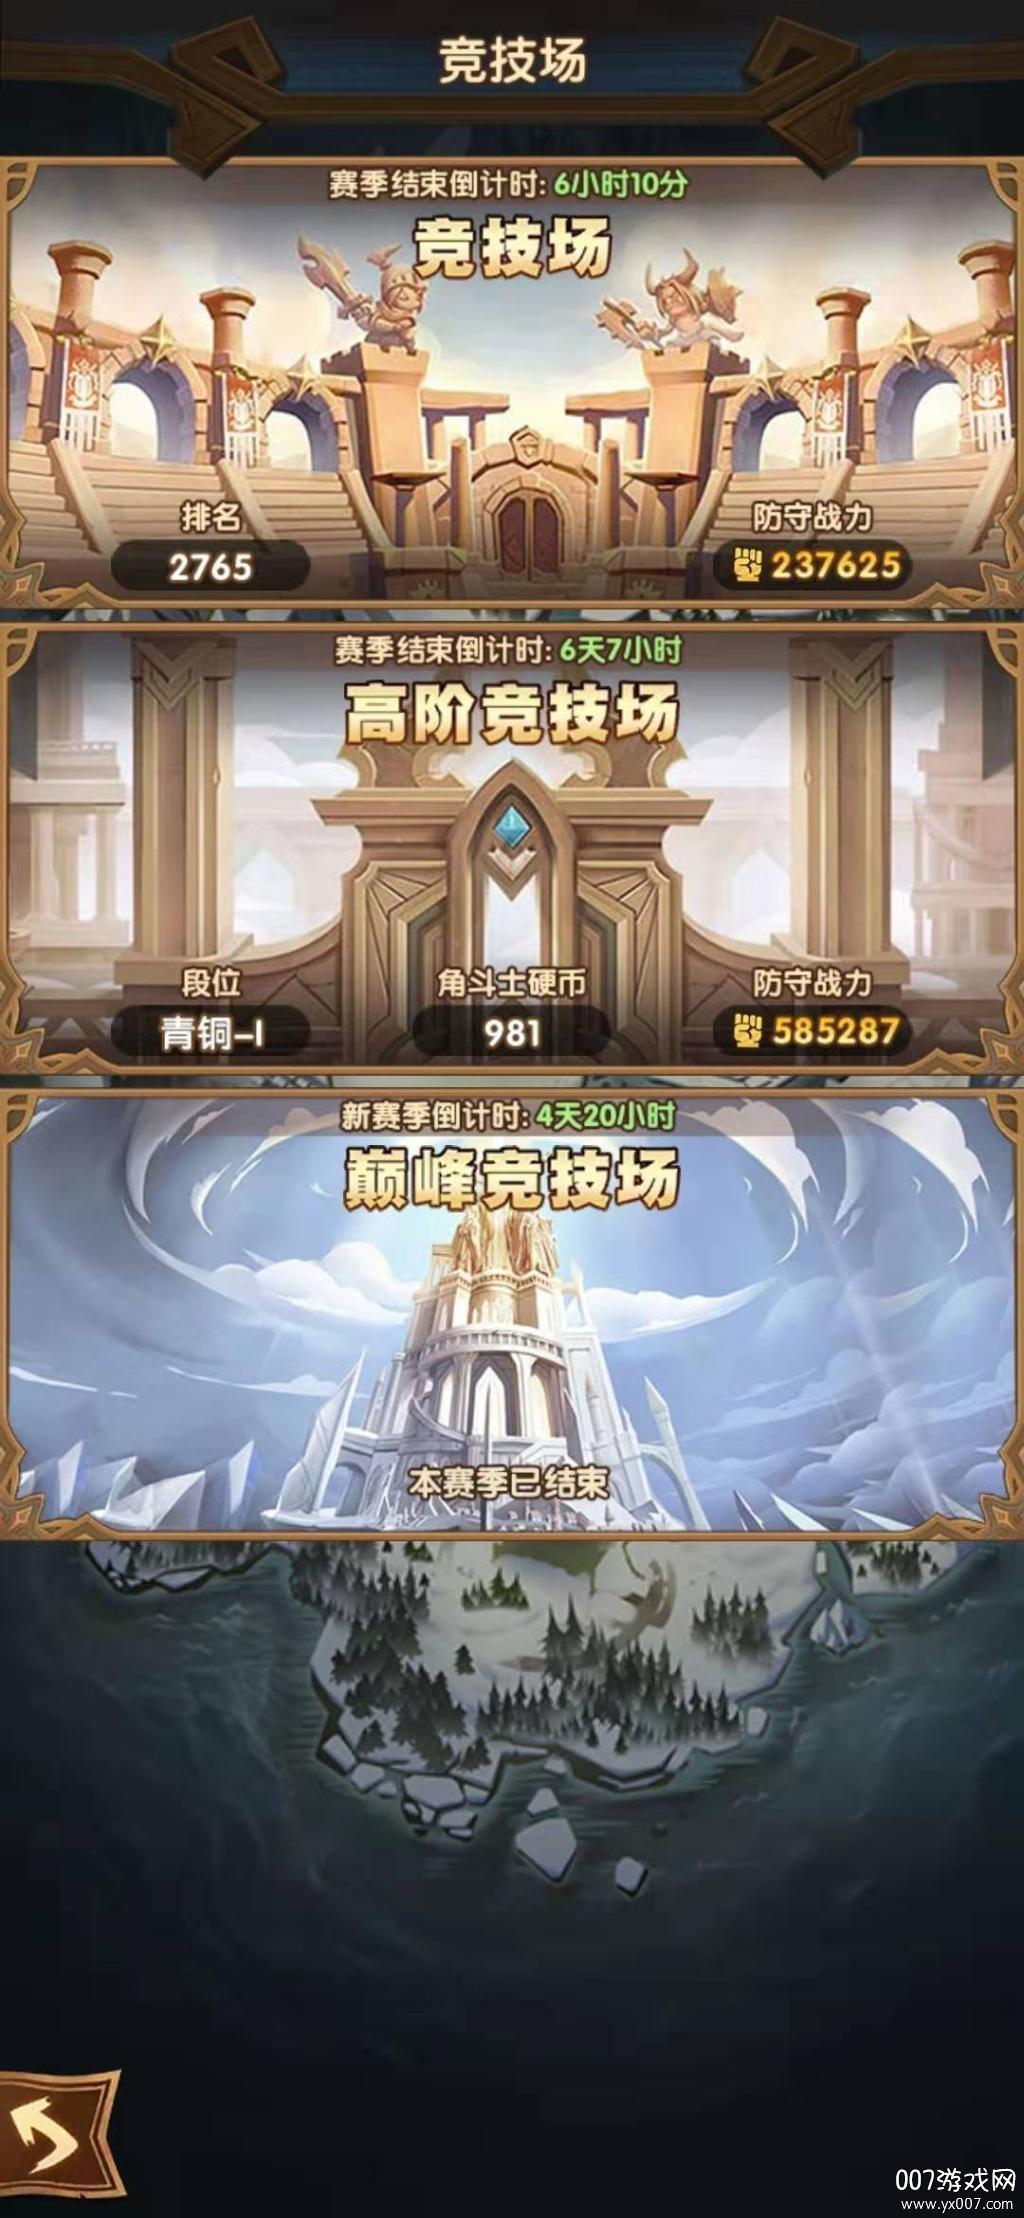 剑与远征萌新怎么玩     剑与远征新手玩法攻略第三篇